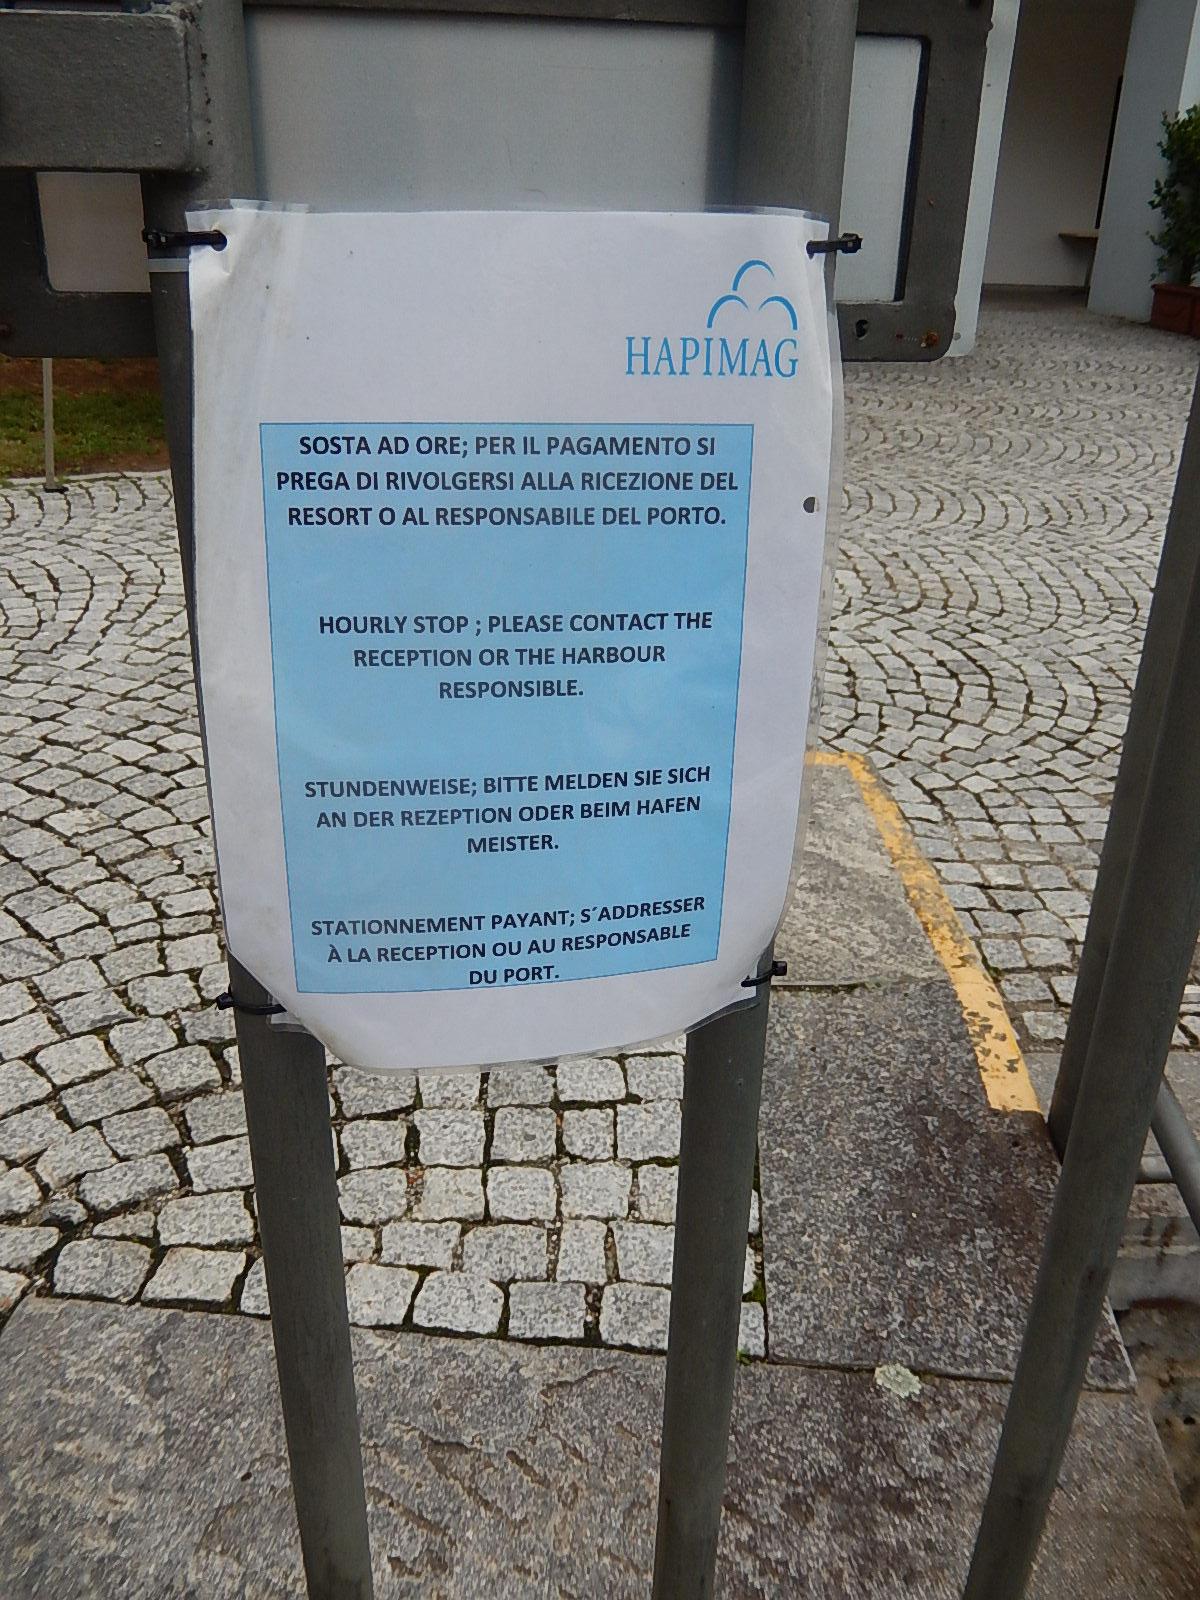 Porto Hapimag Cannero Riviera